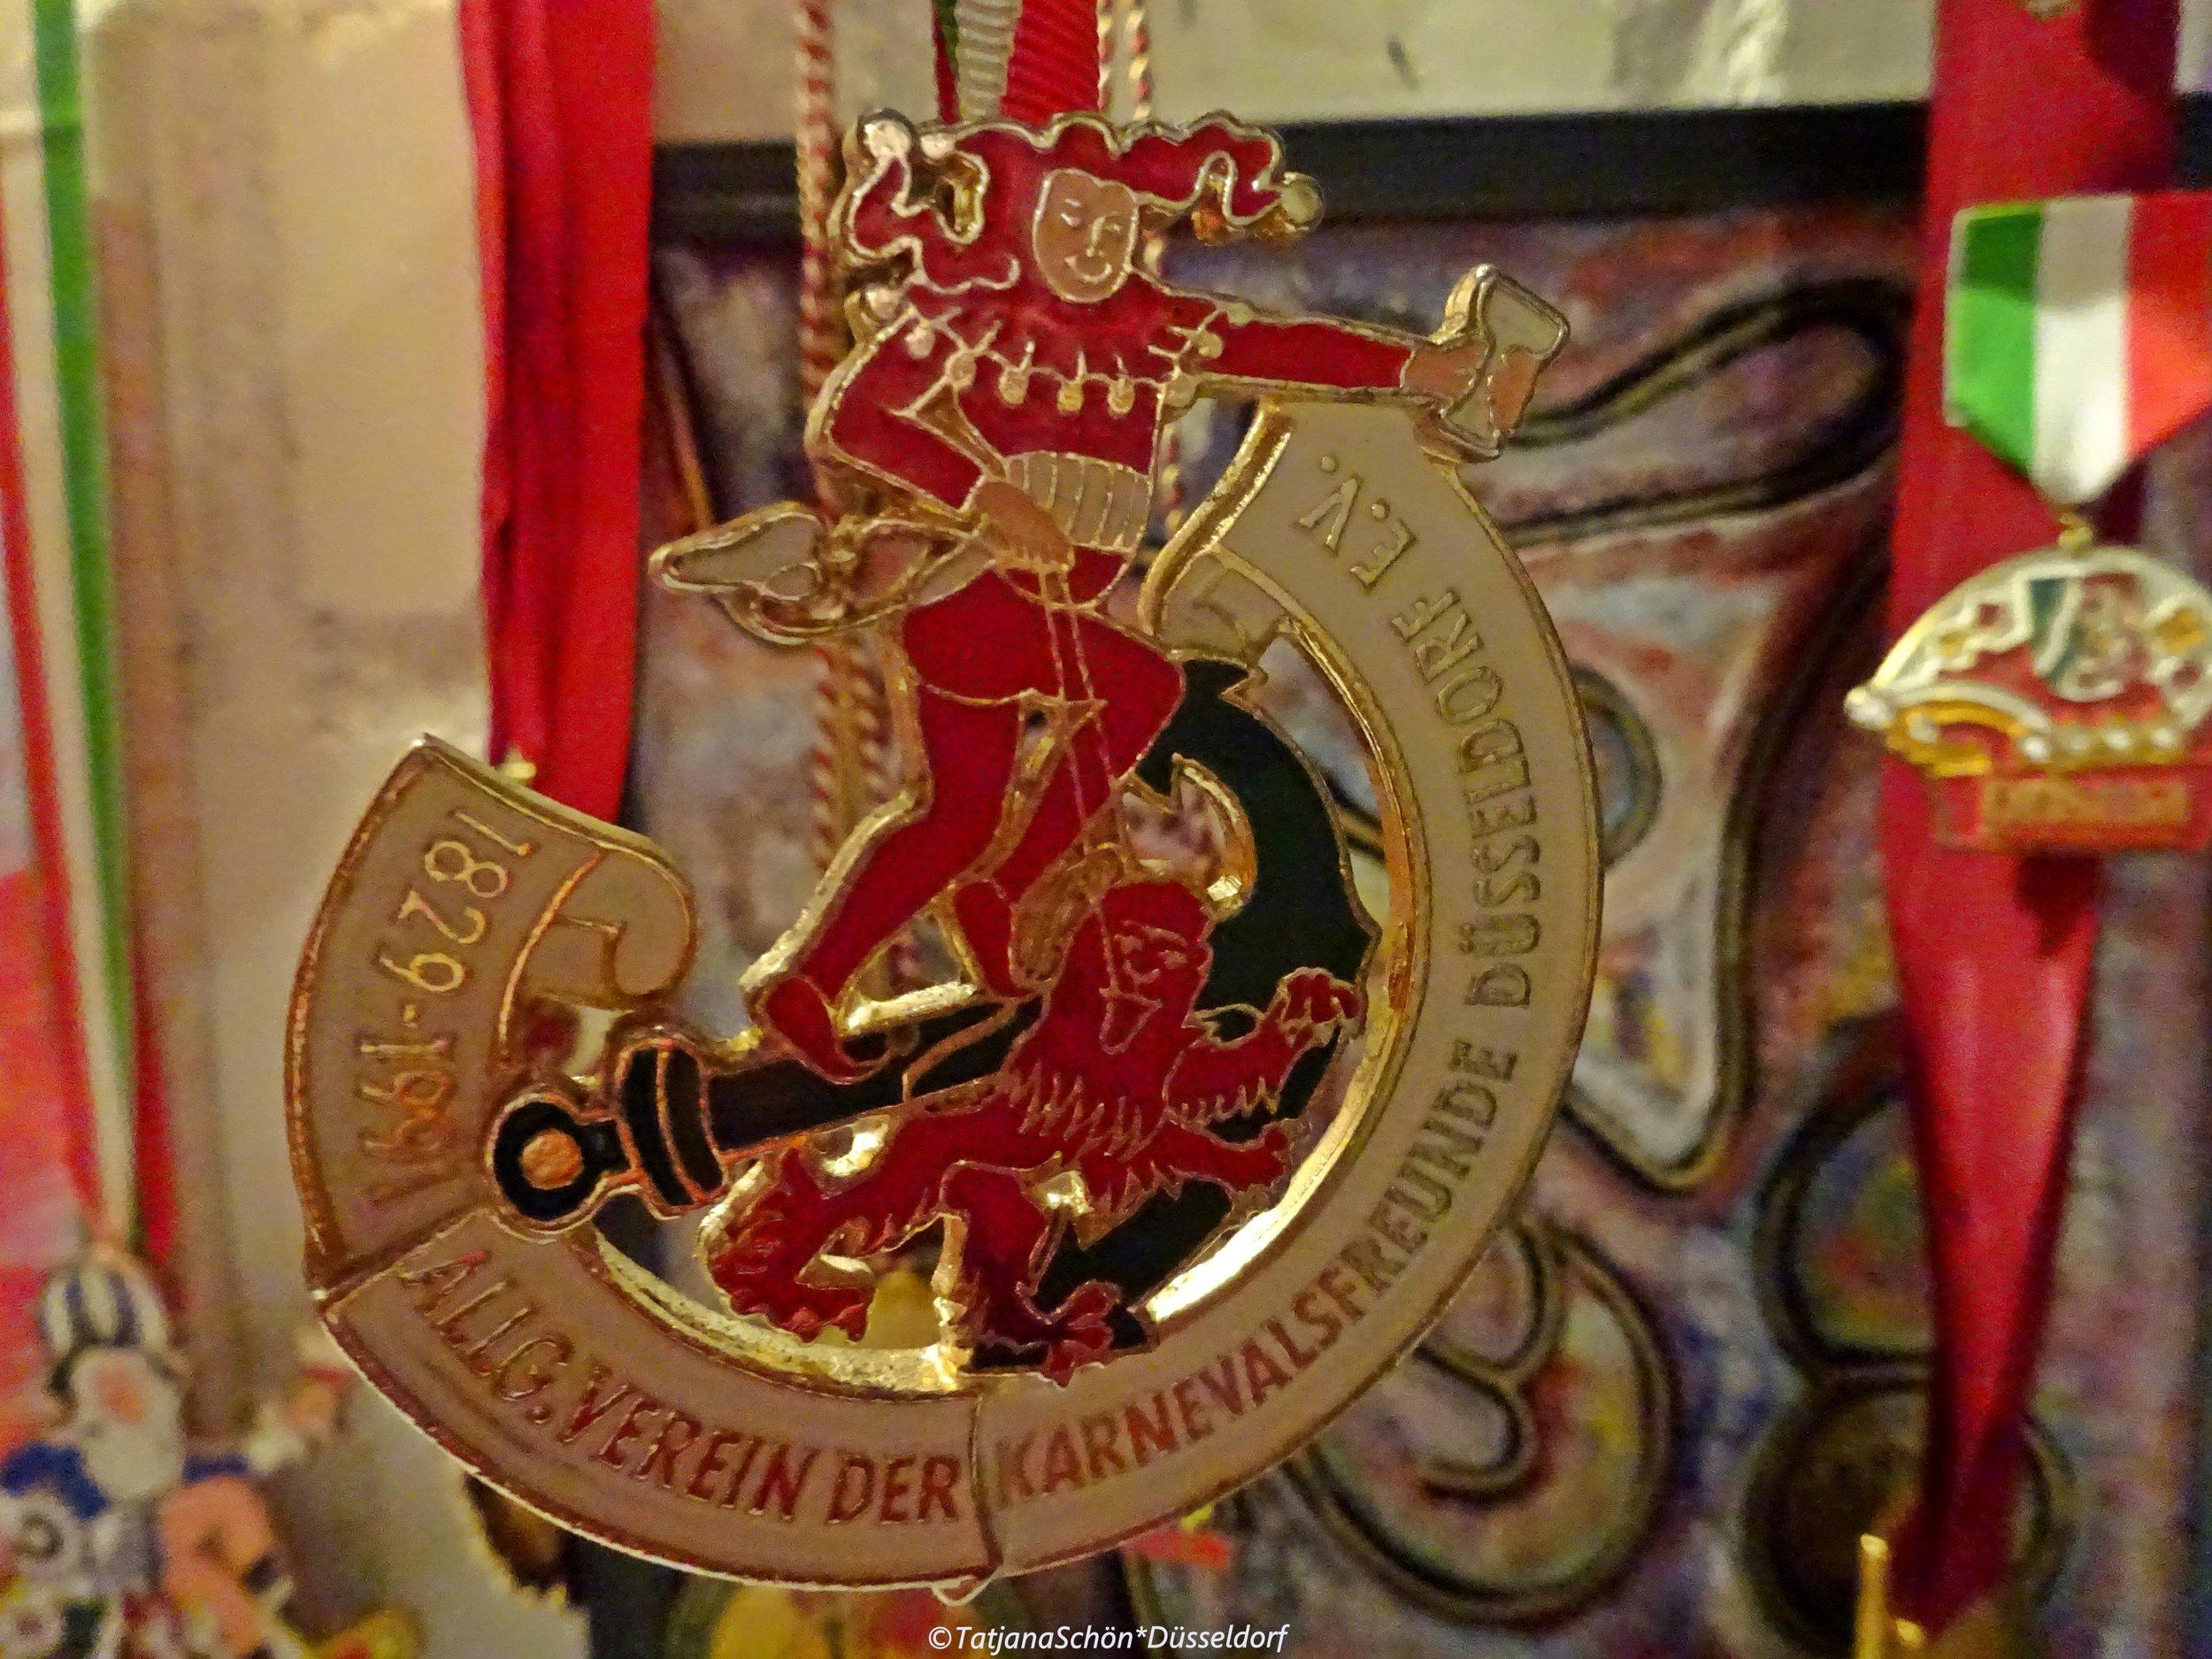 Особенный карнавальный орден 1991 года - из частной (всё той же) коллекции.